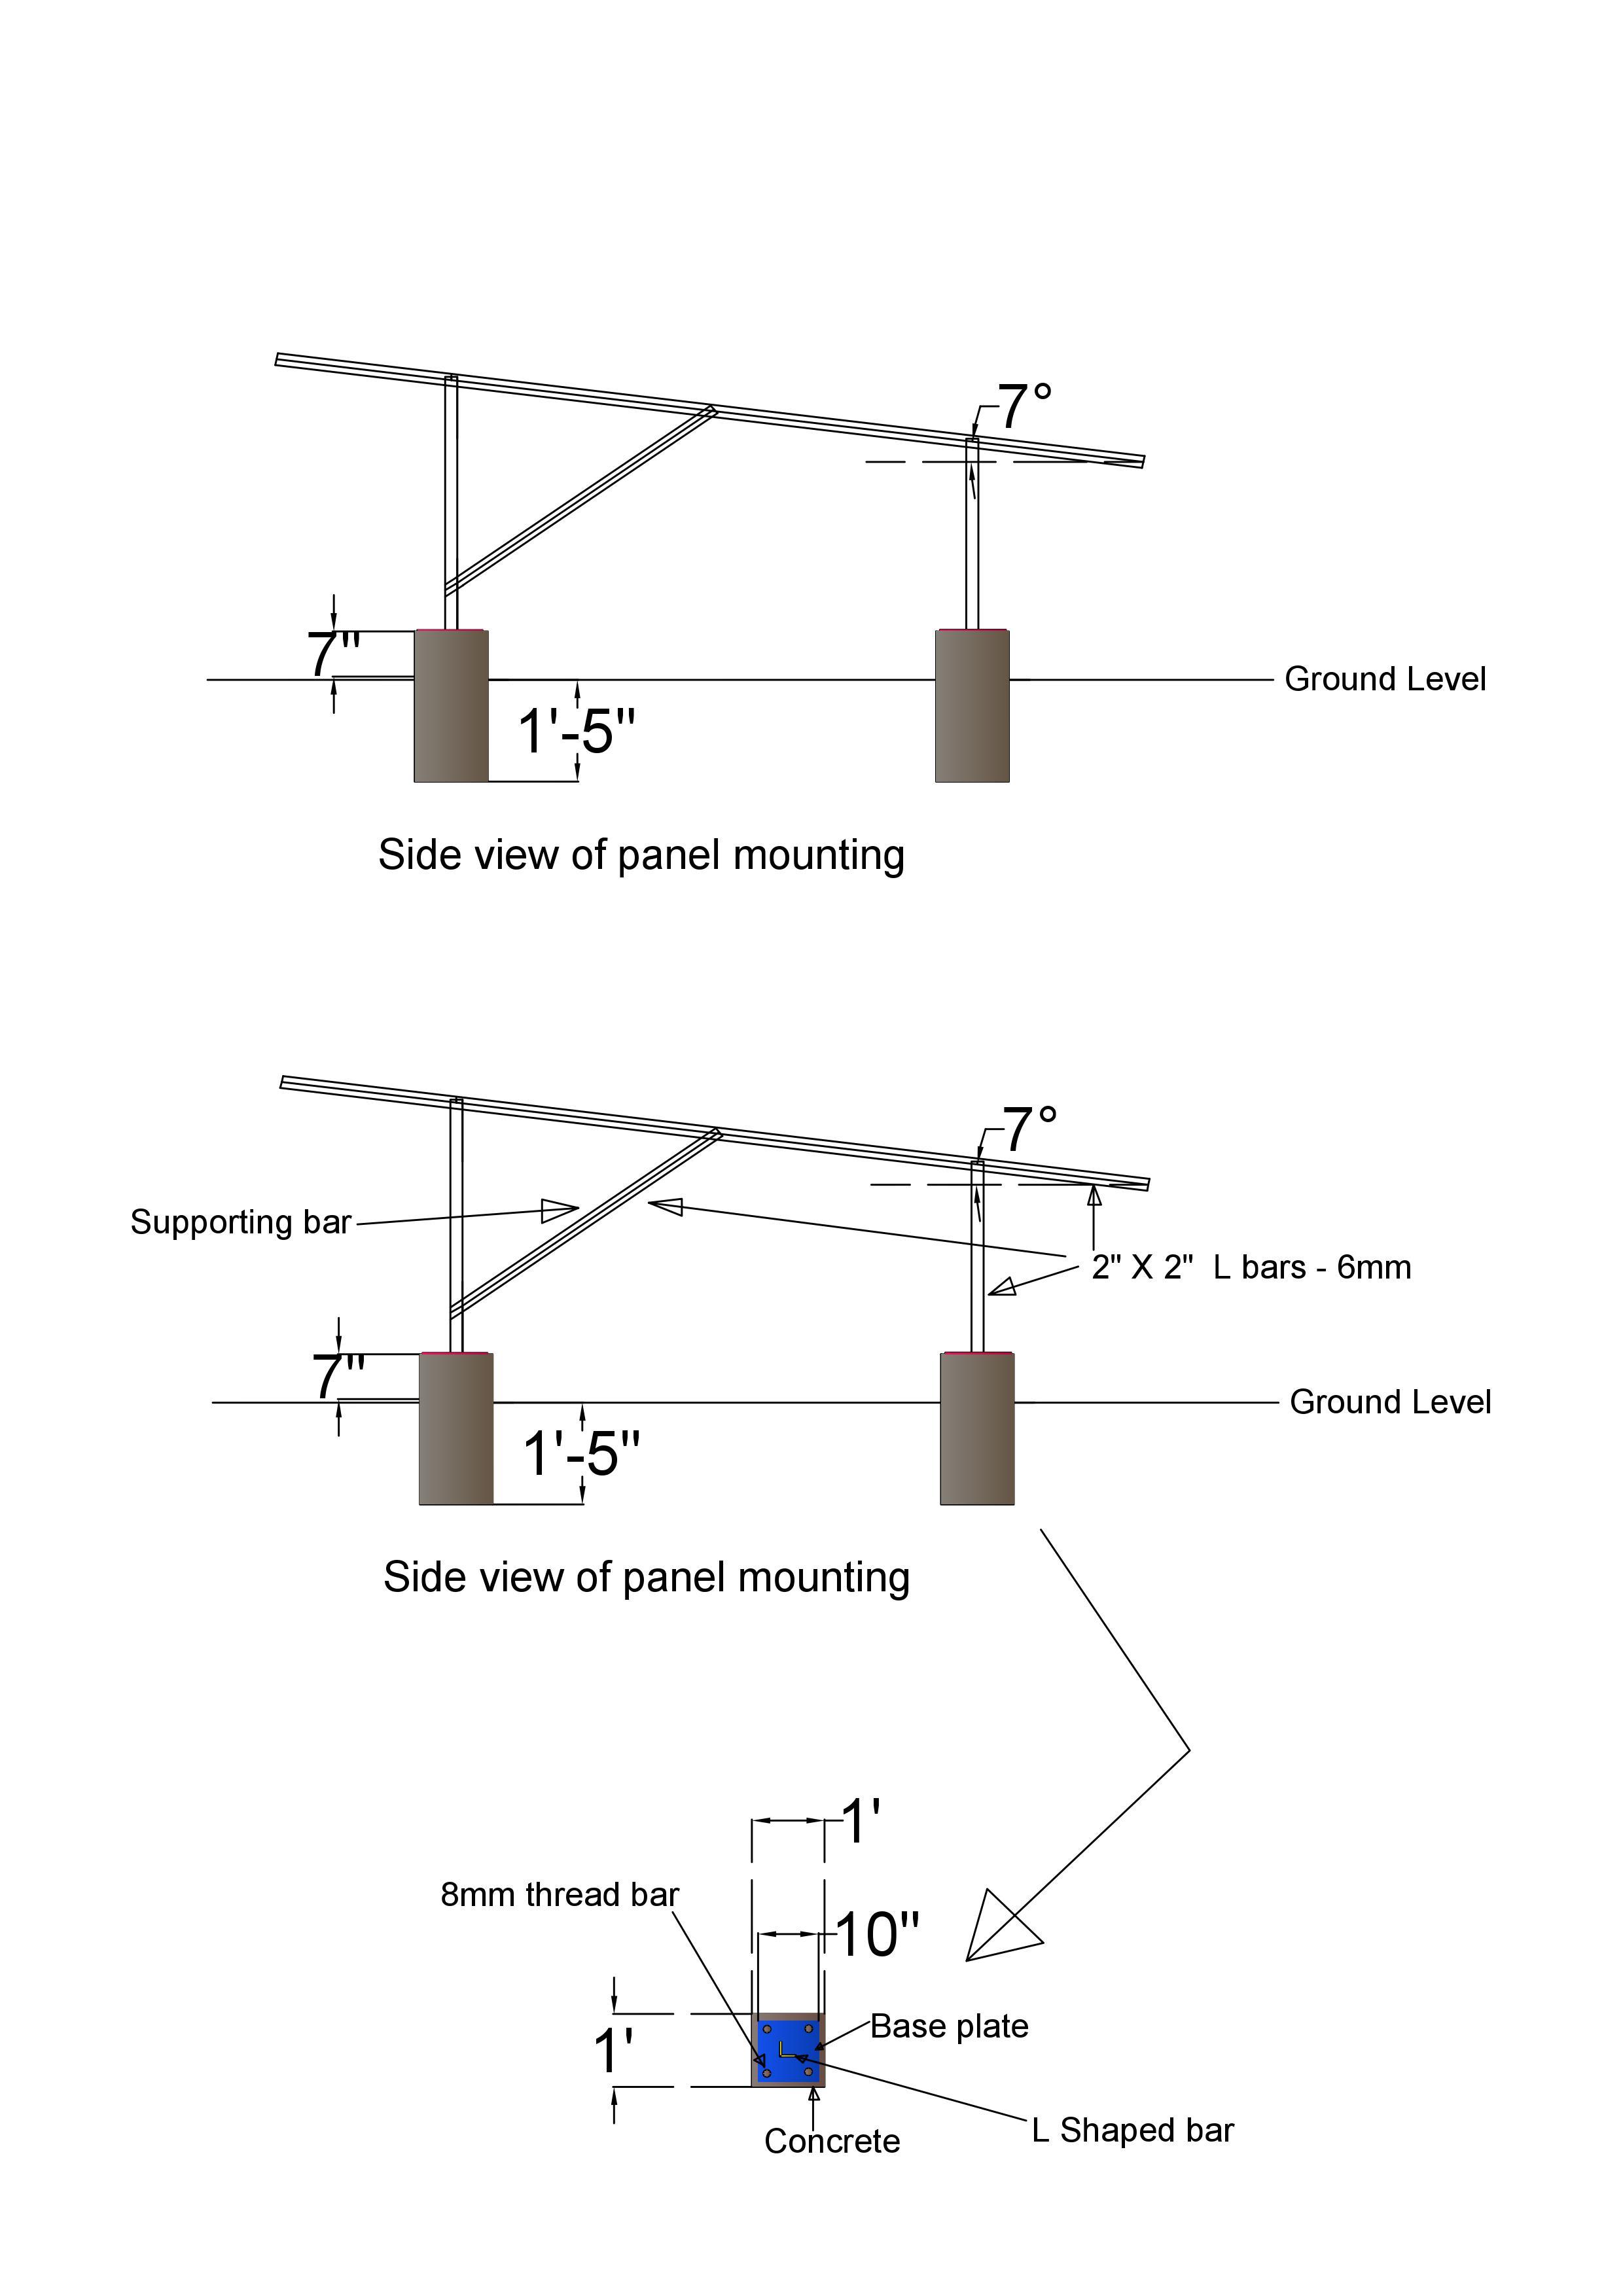 Design Solar Panel Mounting Structures By Madushadedigamu